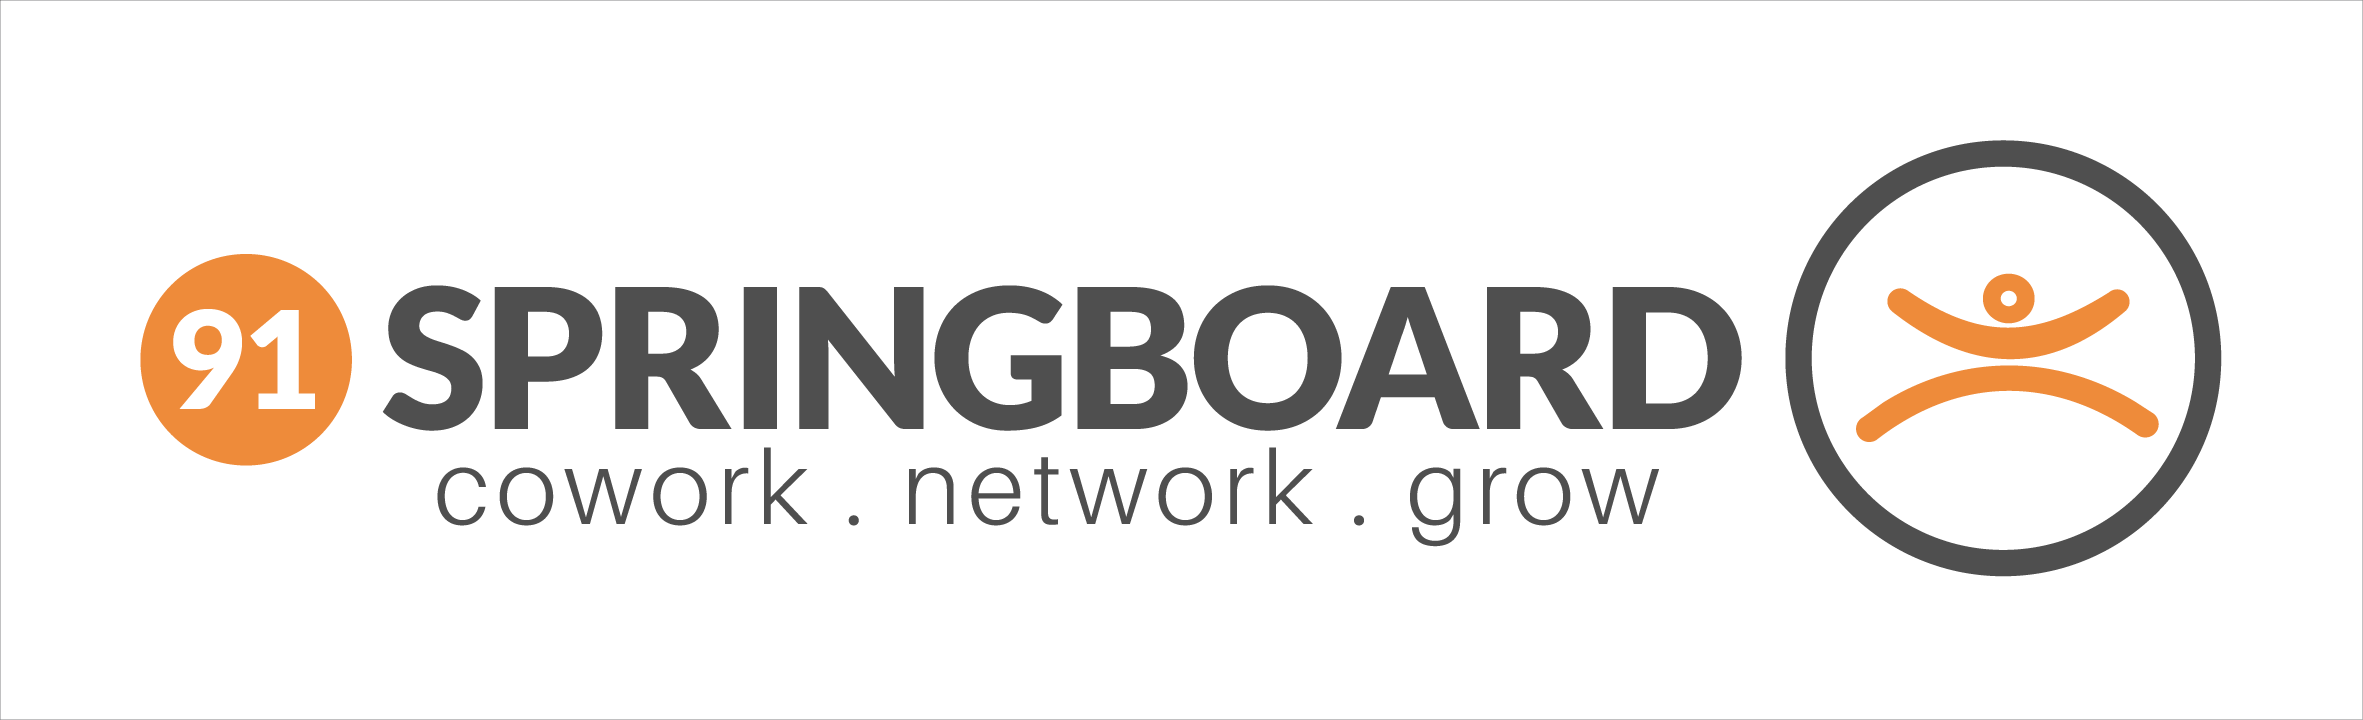 91springboard